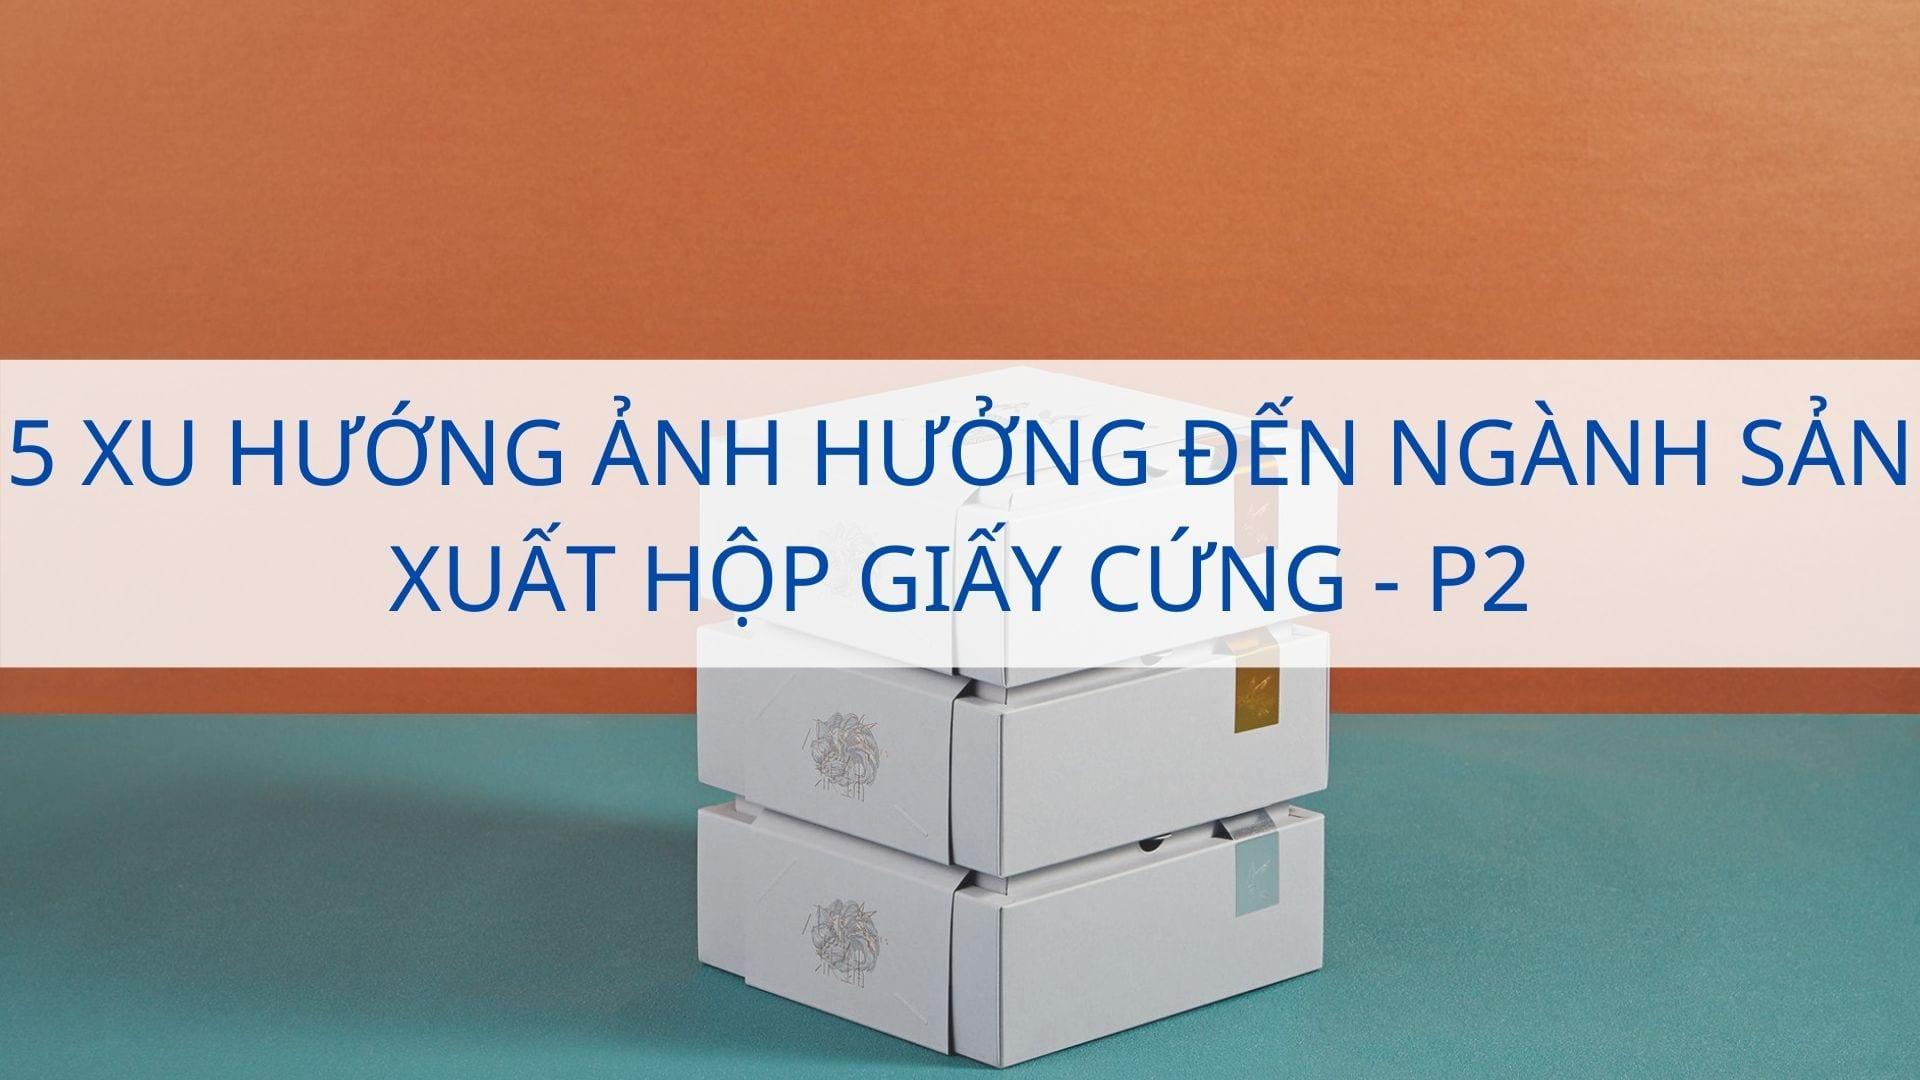 5 xu hướng ảnh hưởng đến ngành sản xuất hộp giấy cứng - P2